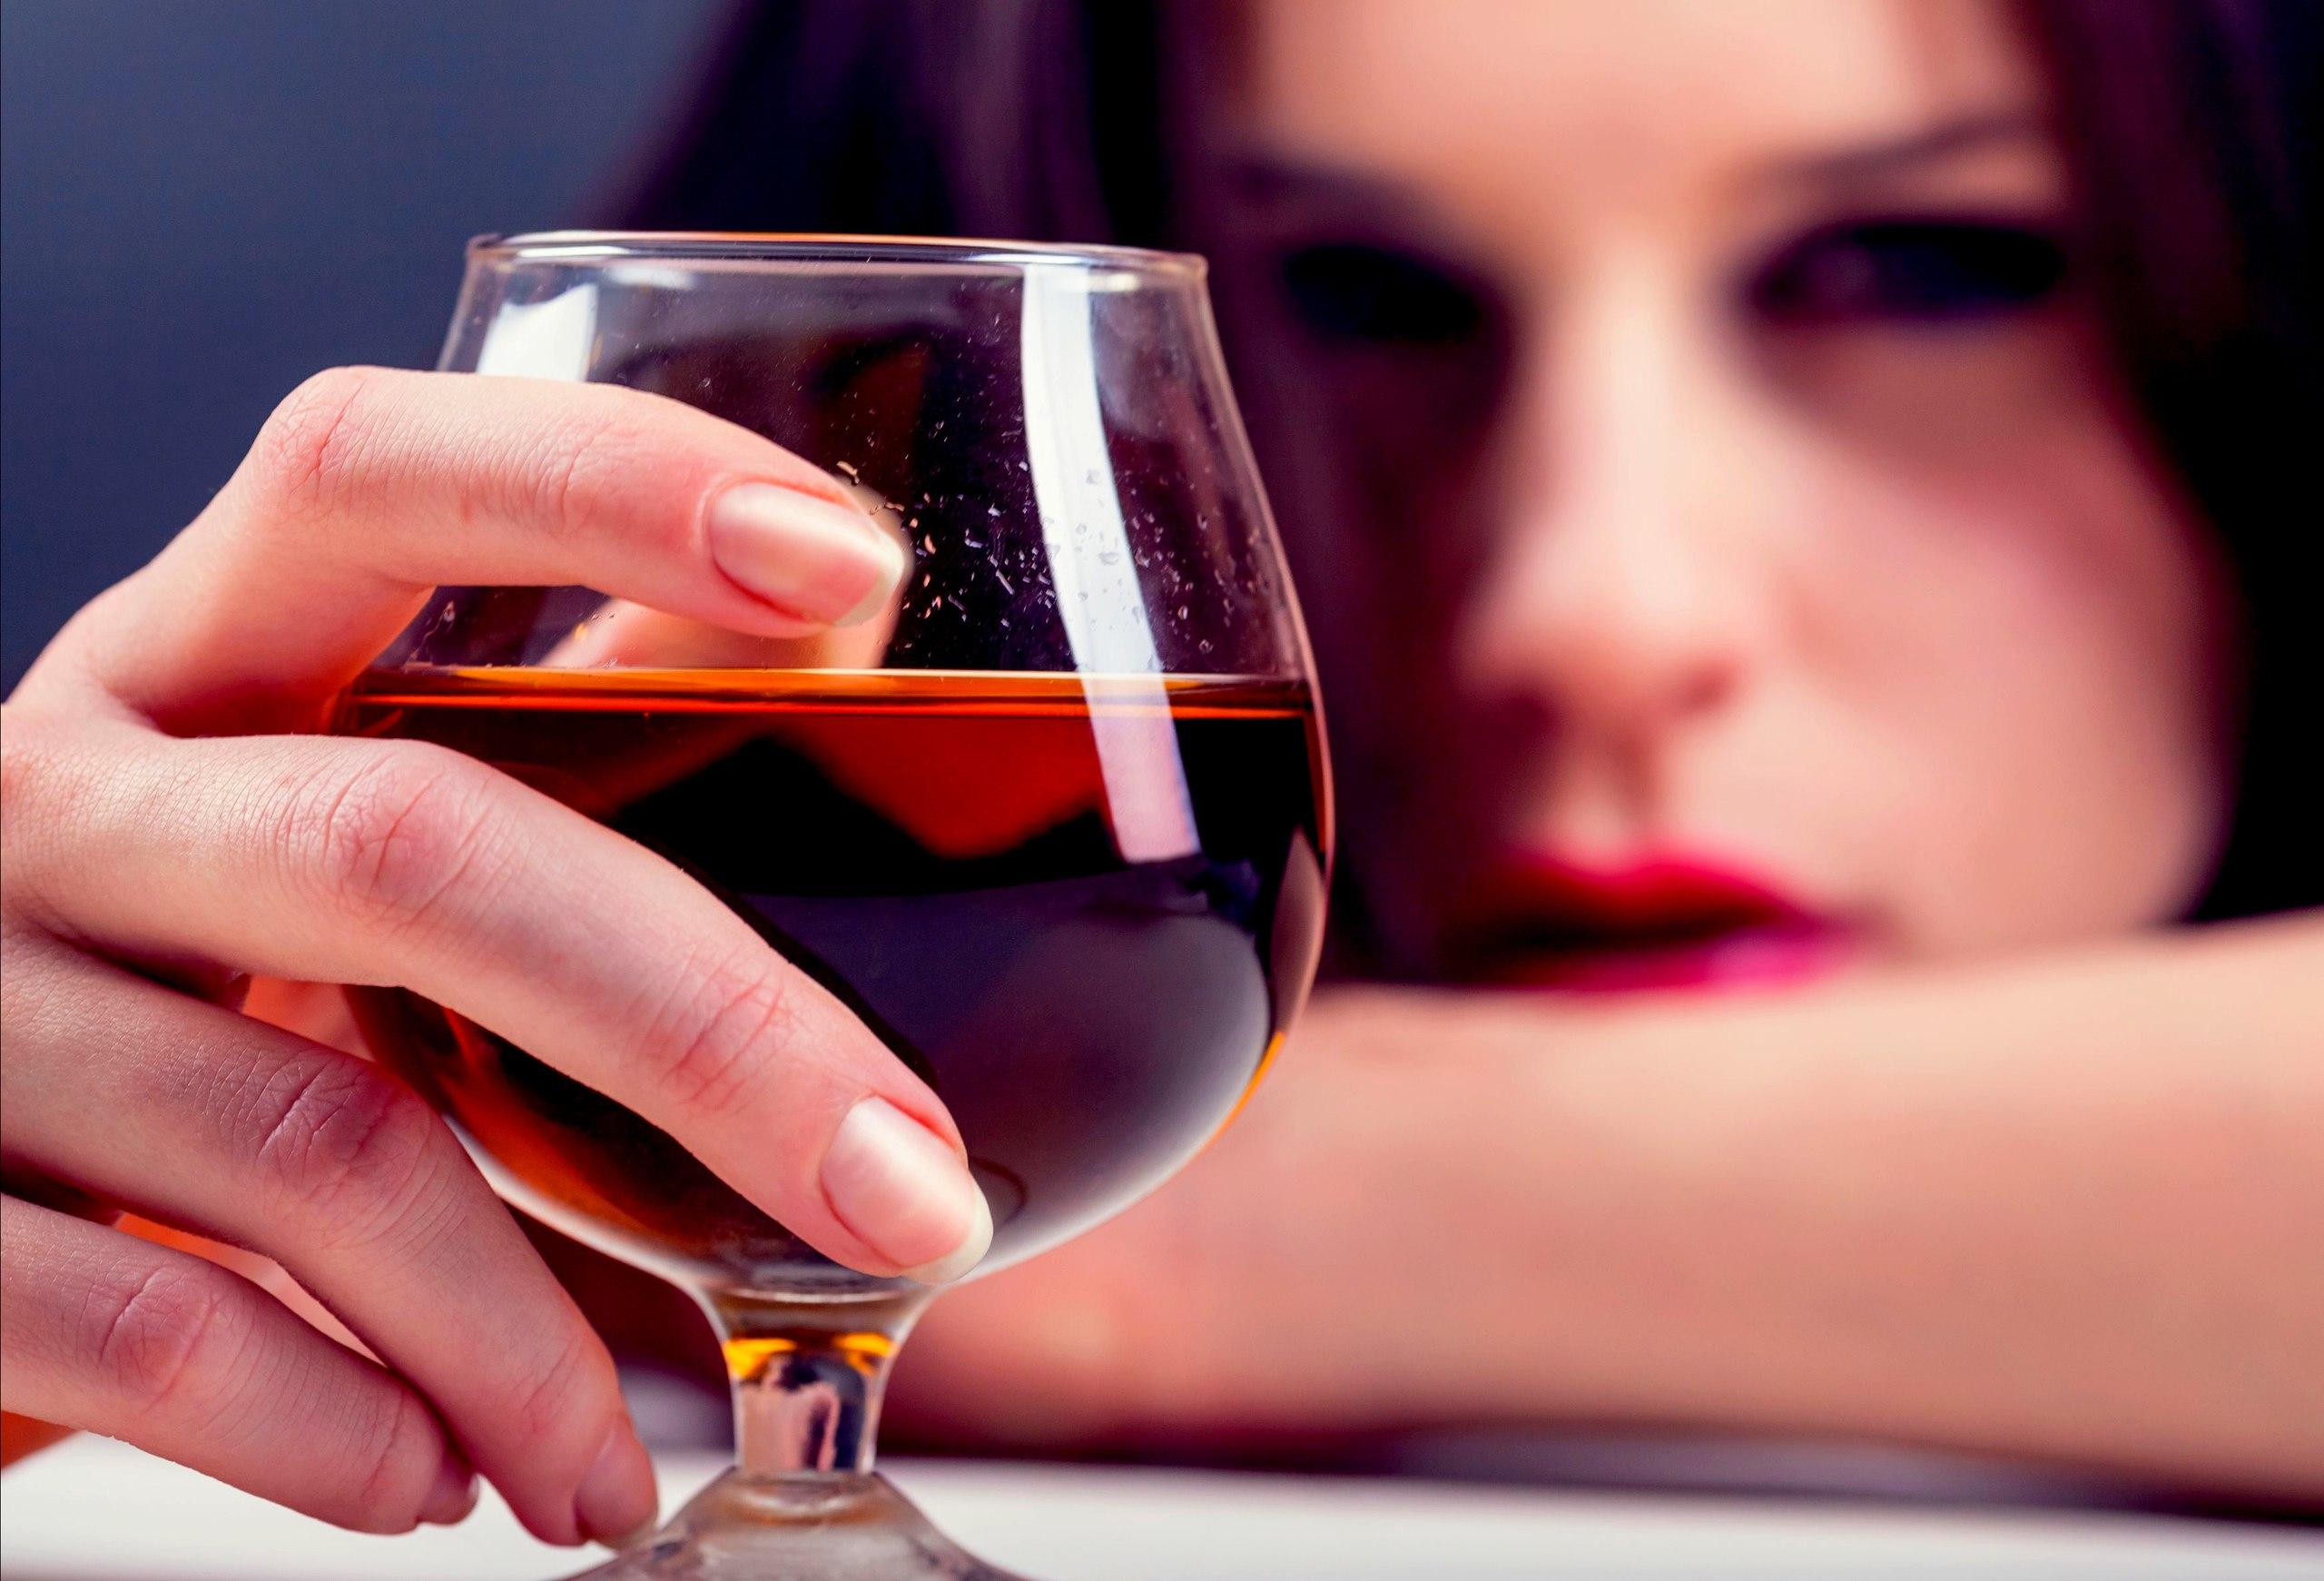 Как мне найти лечение от злоупотребления алкоголем?